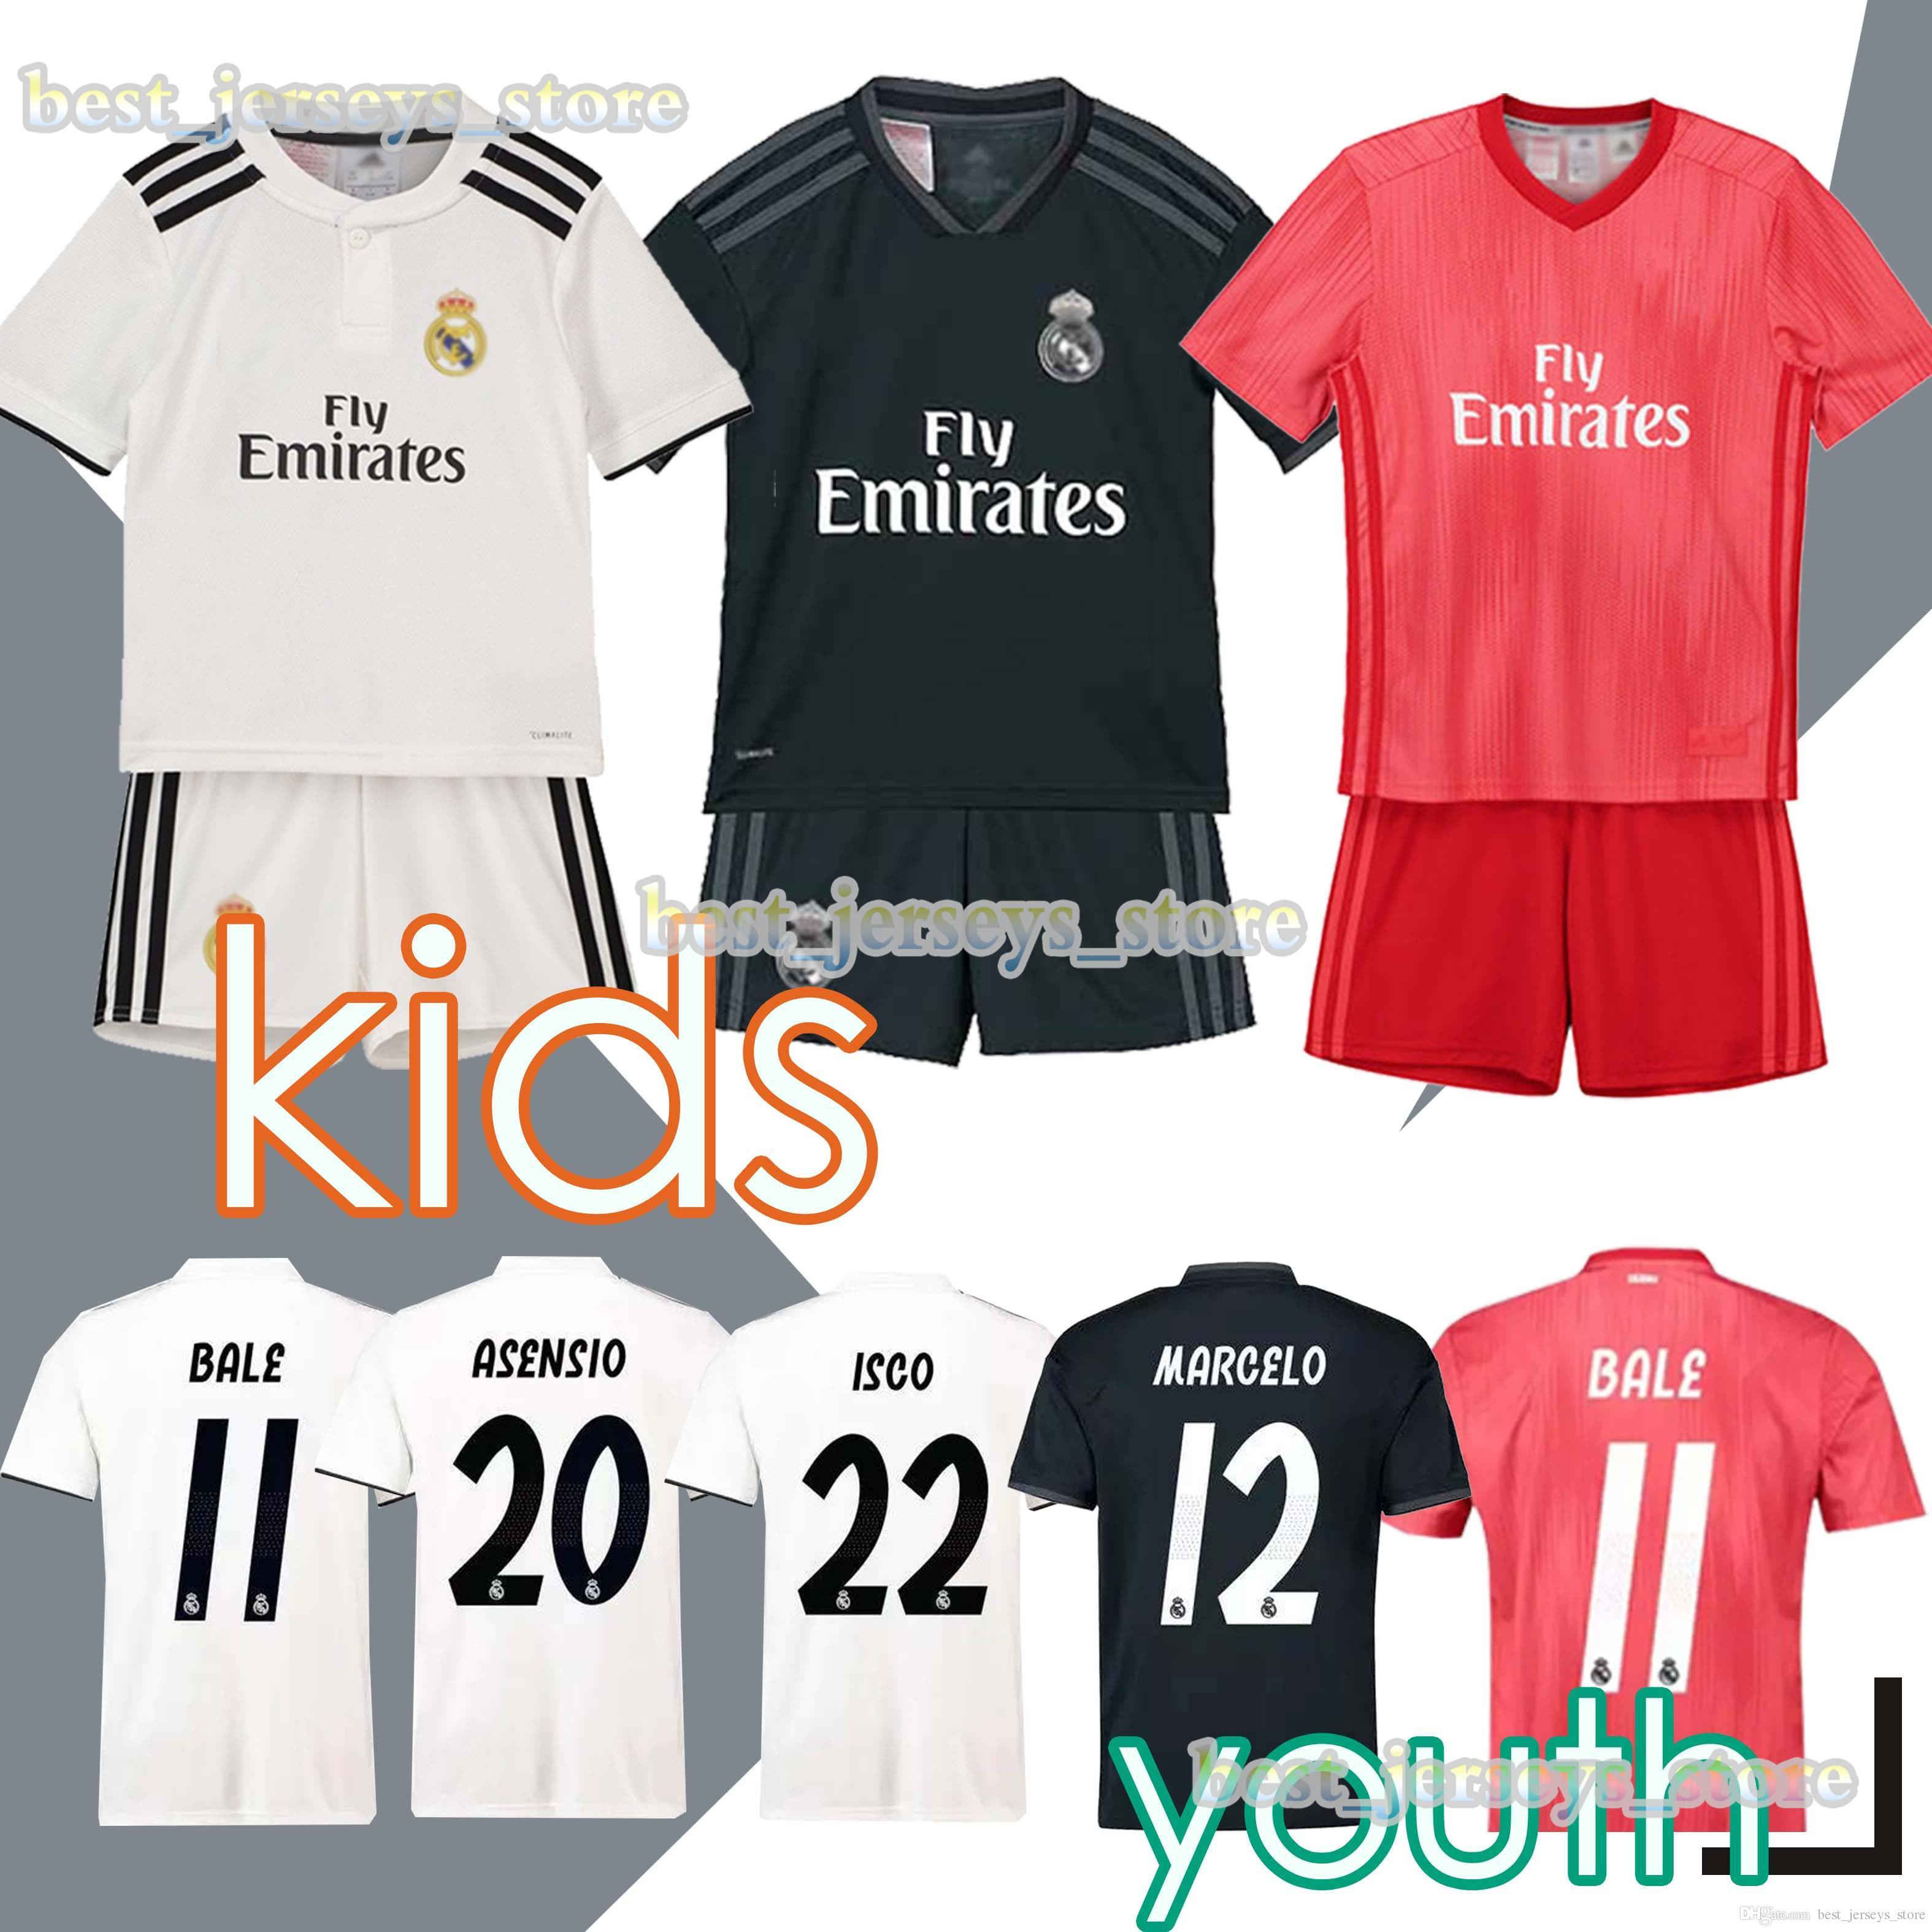 fa7bea8a2 Equipación Infantil 2019 Real Madrid Football Jersey 2018 19 Camisetas De  Fútbol De Local Blanca Para Niños Pequeños ISCO ASENSIO BALE KROOS Camisetas  De ...